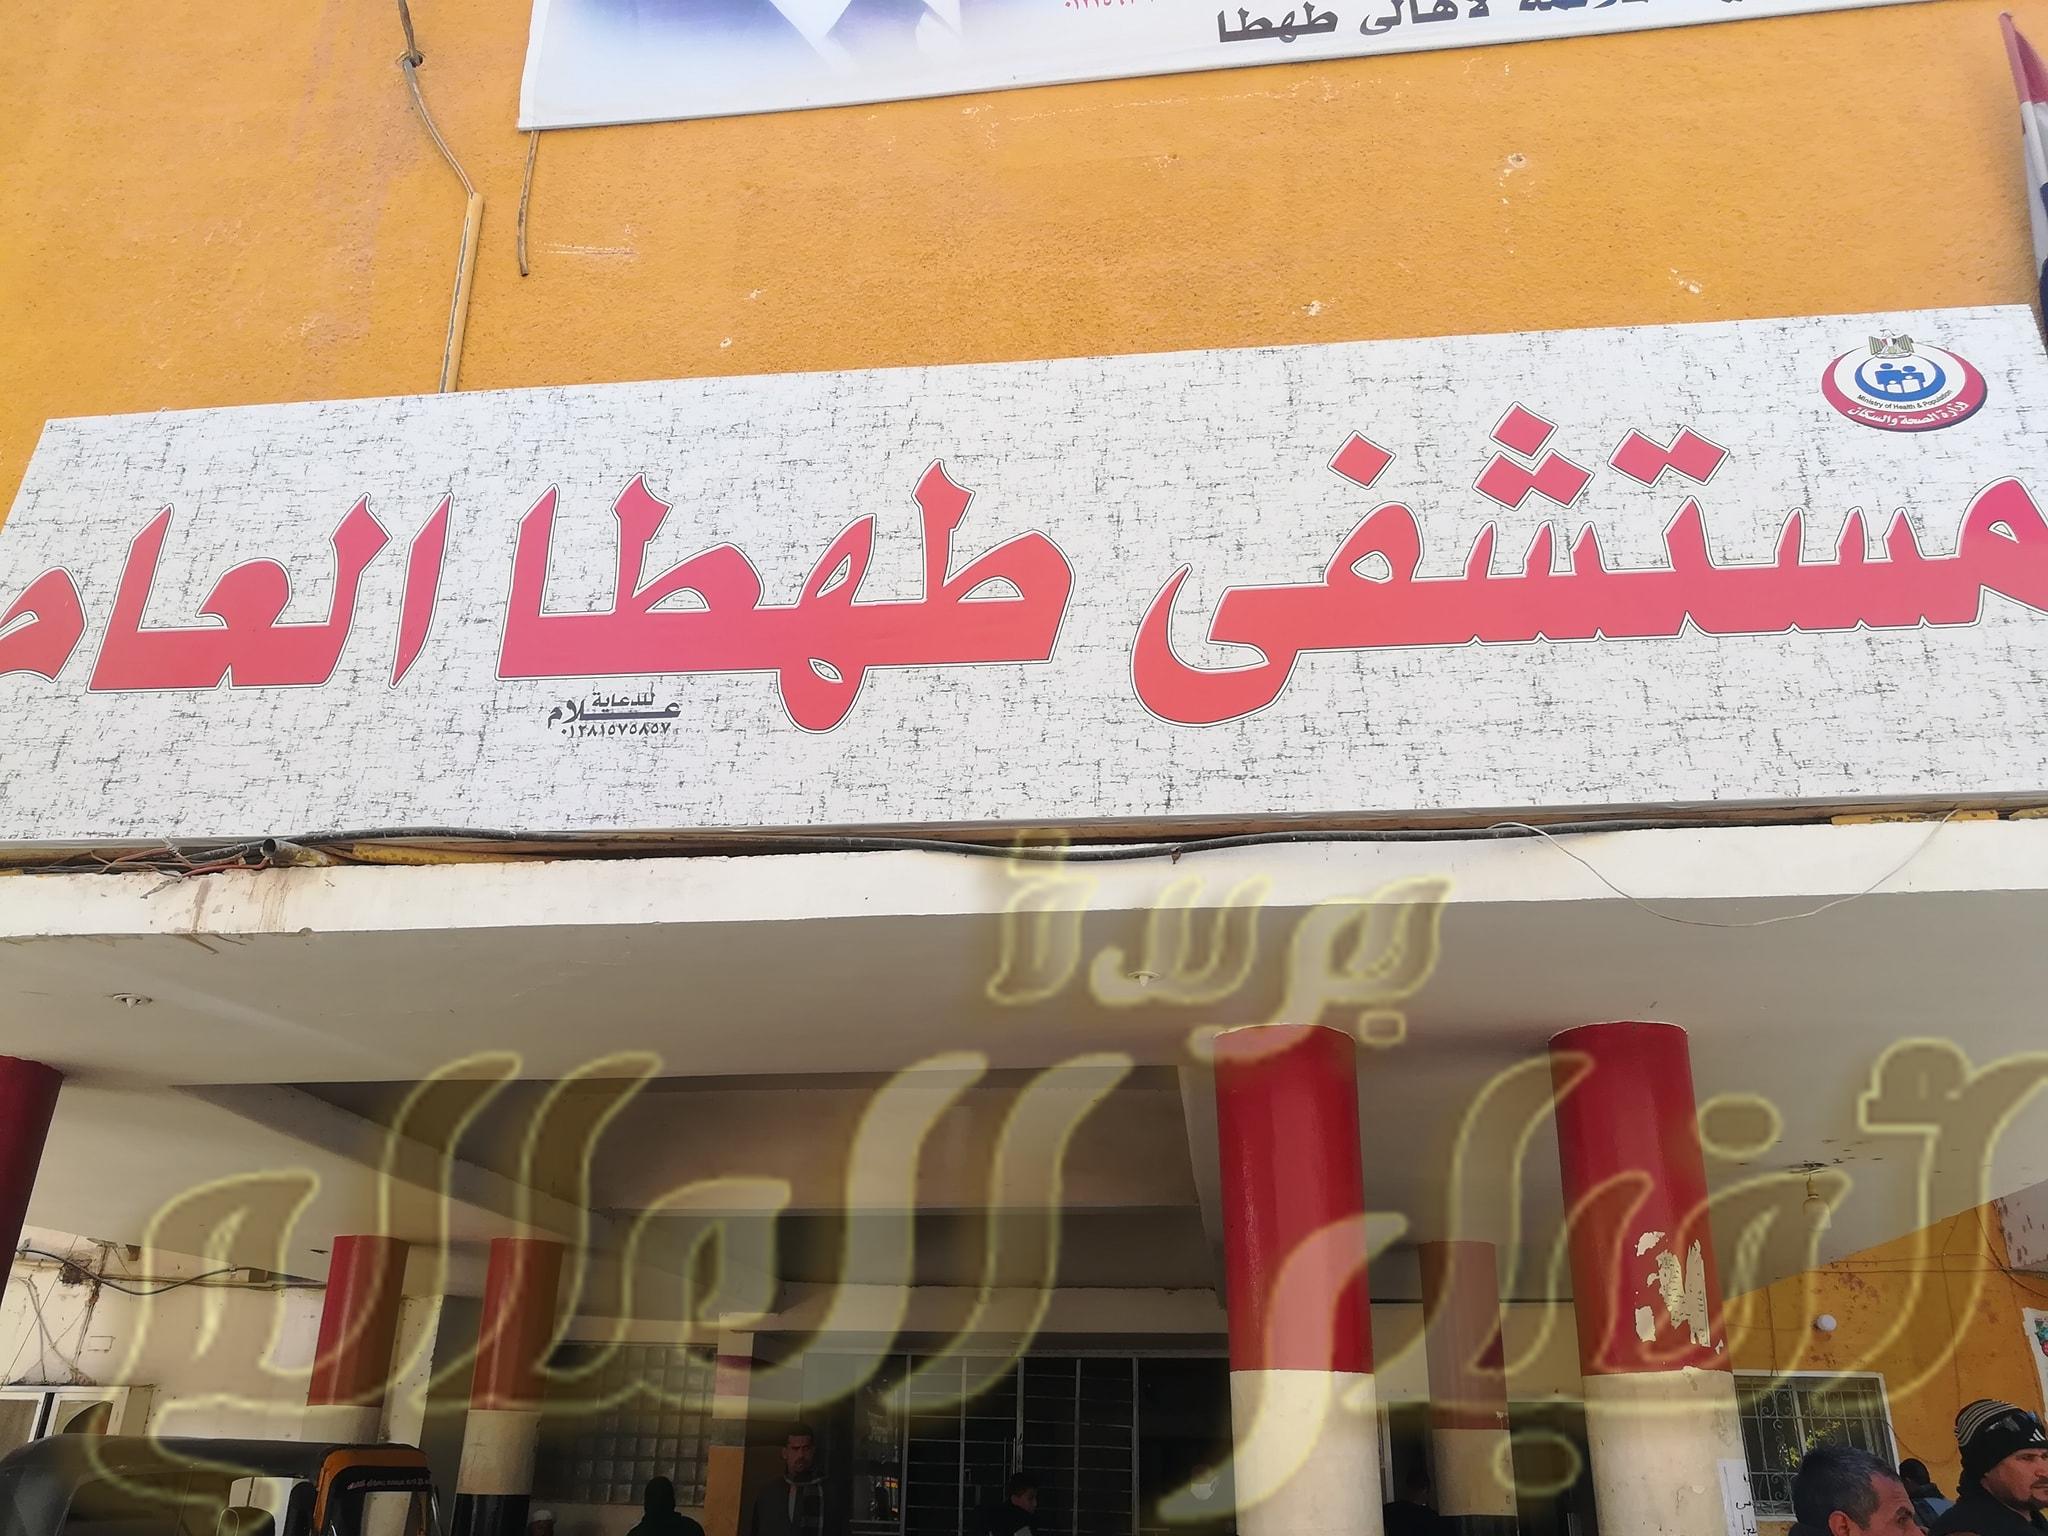 شاب يذبح اخته فى الشارع لشكه فى سلوكها فى منطقة الشيخ عبدالله طهط